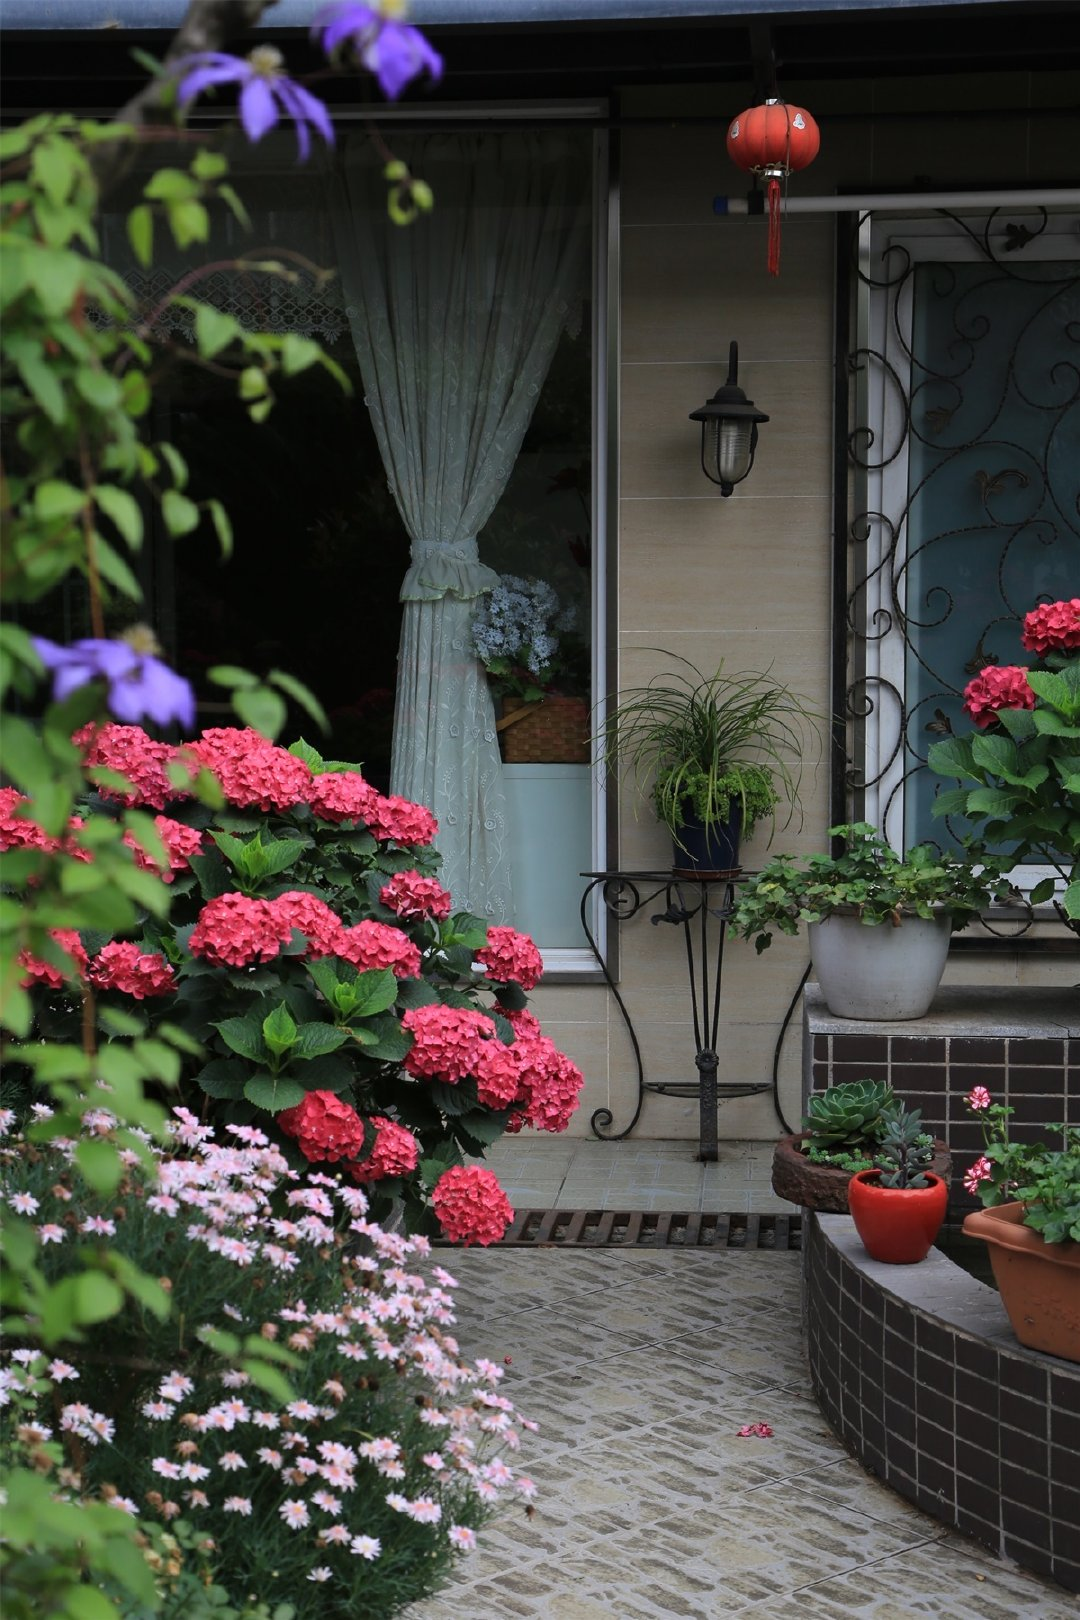 """Khu vườn quanh năm chỉ có """"mùa xuân"""" ở lại của cô giáo dạy Toán xinh đẹp - Ảnh 12."""